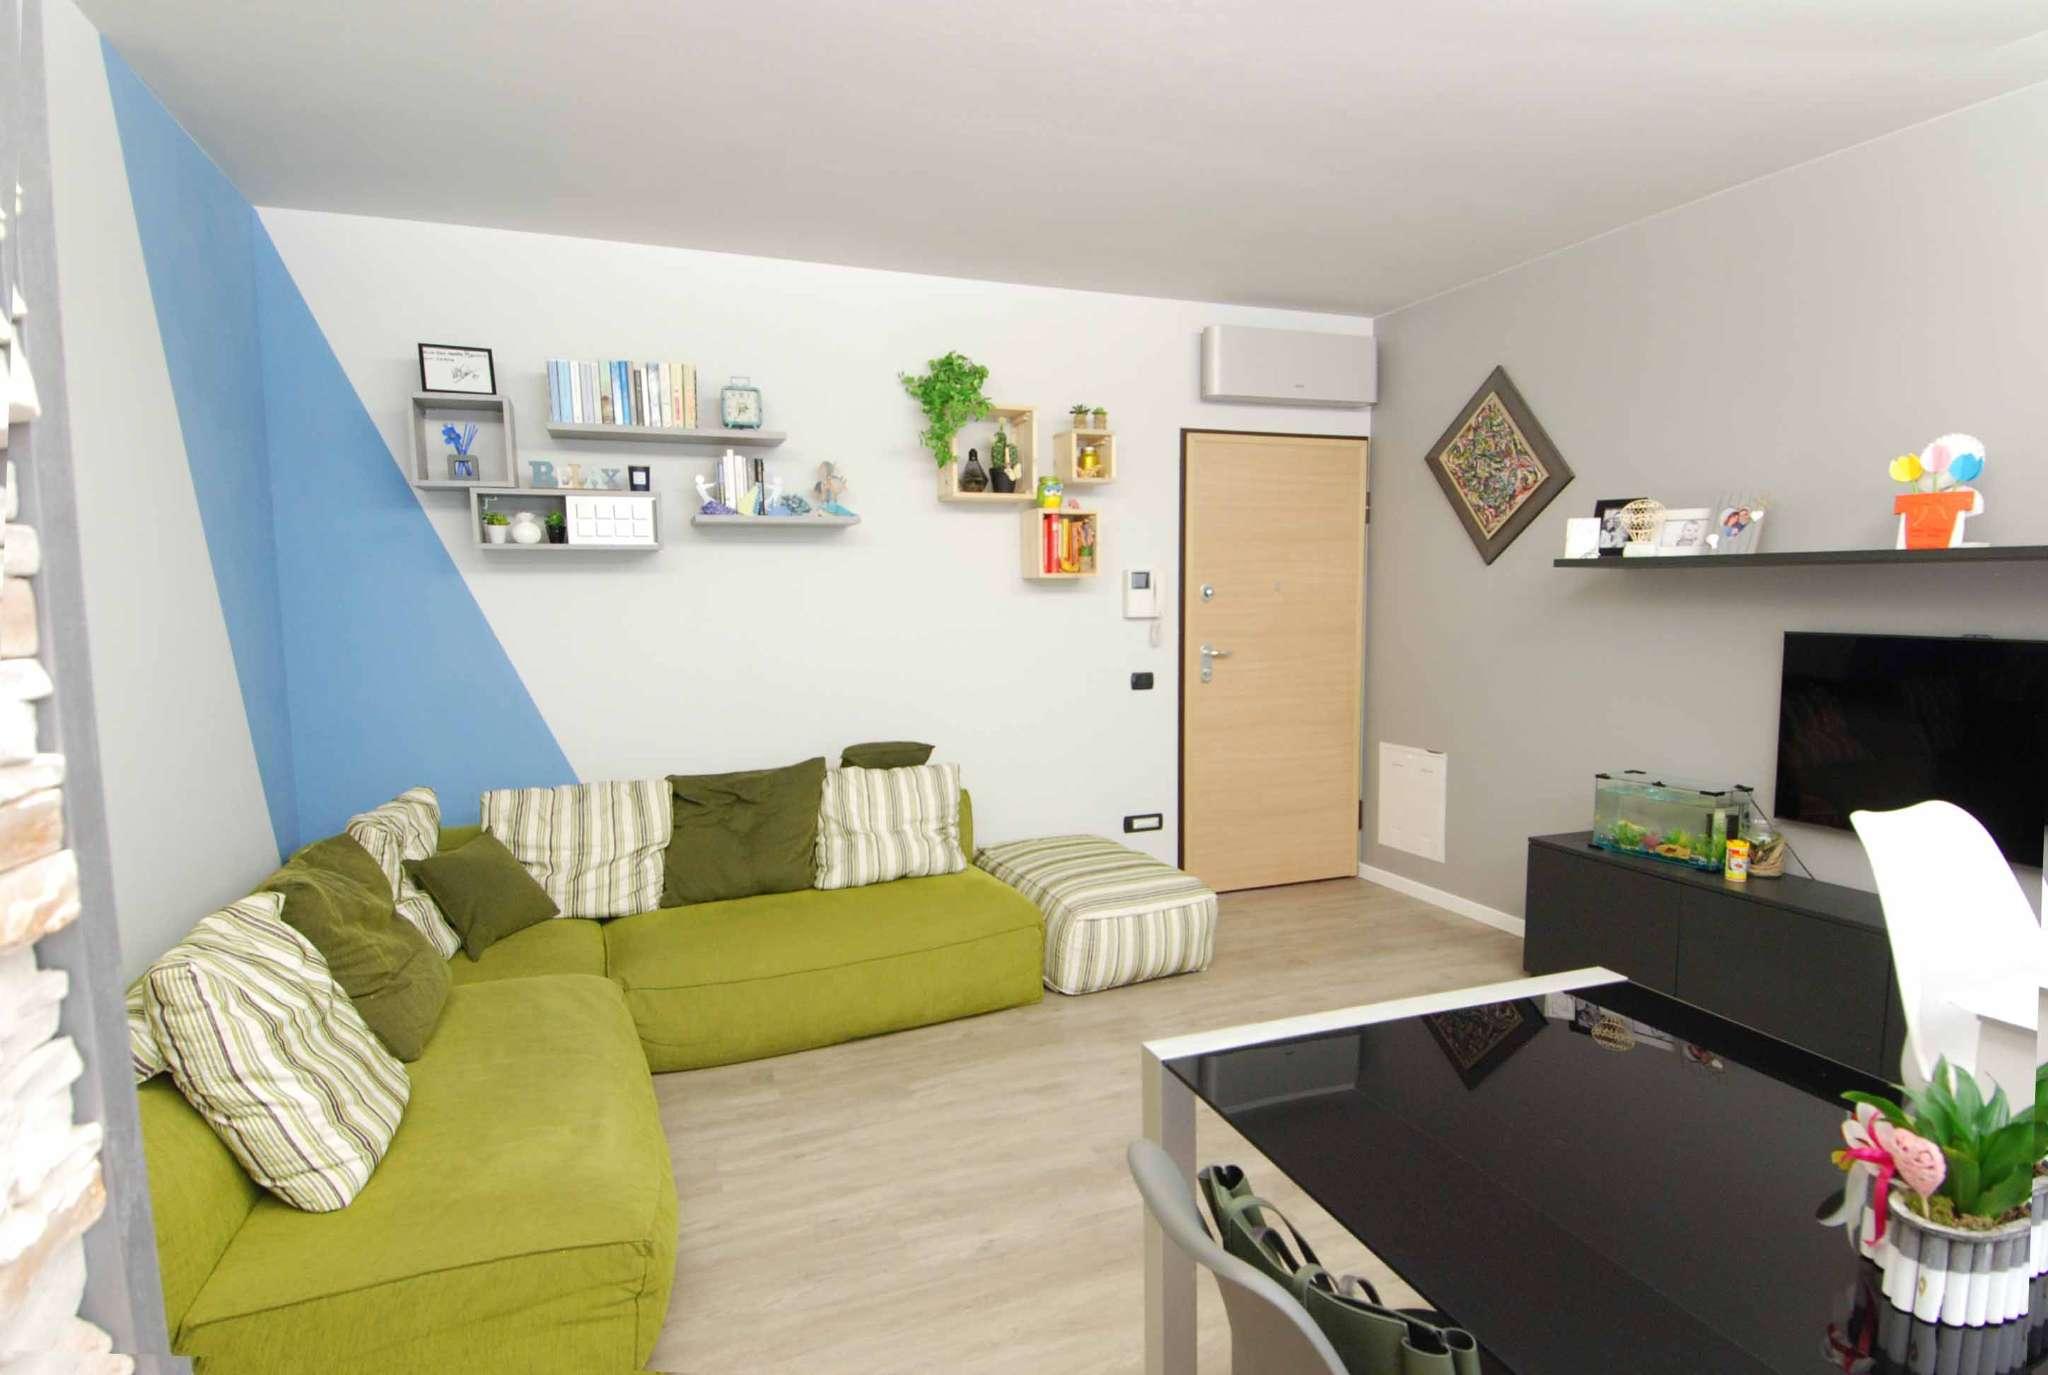 Appartamento in vendita a Grantorto, 3 locali, prezzo € 133.000 | PortaleAgenzieImmobiliari.it